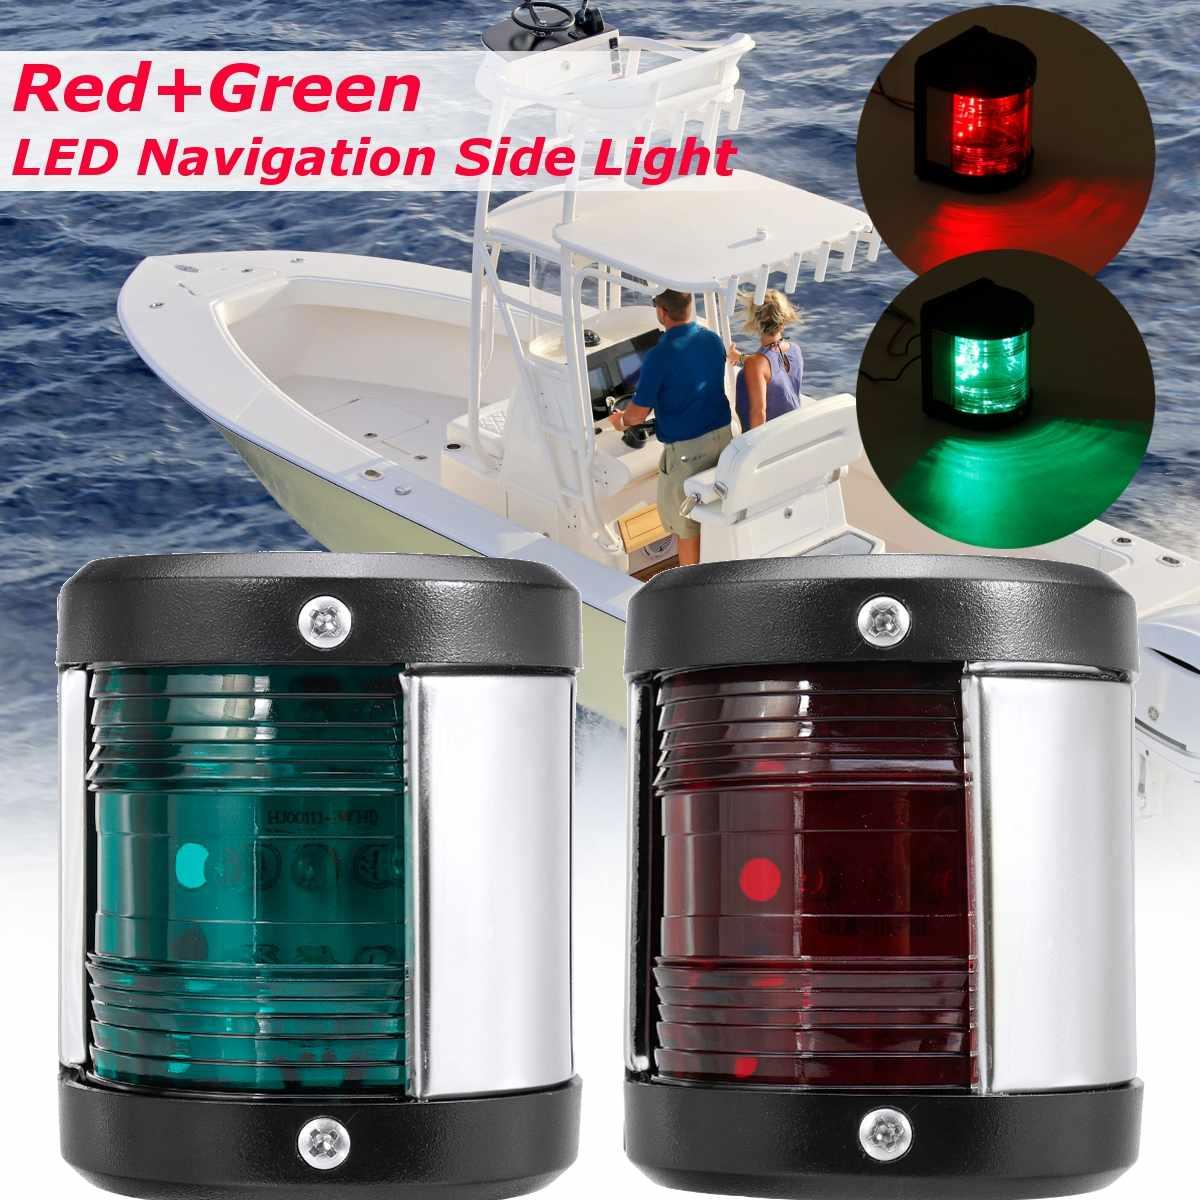 2 Pcs Edelstahl 12 V LED Bogen Navigation Licht Rot Grün Segeln Signal Licht für Marine Boot Schiff Yacht warnung Licht